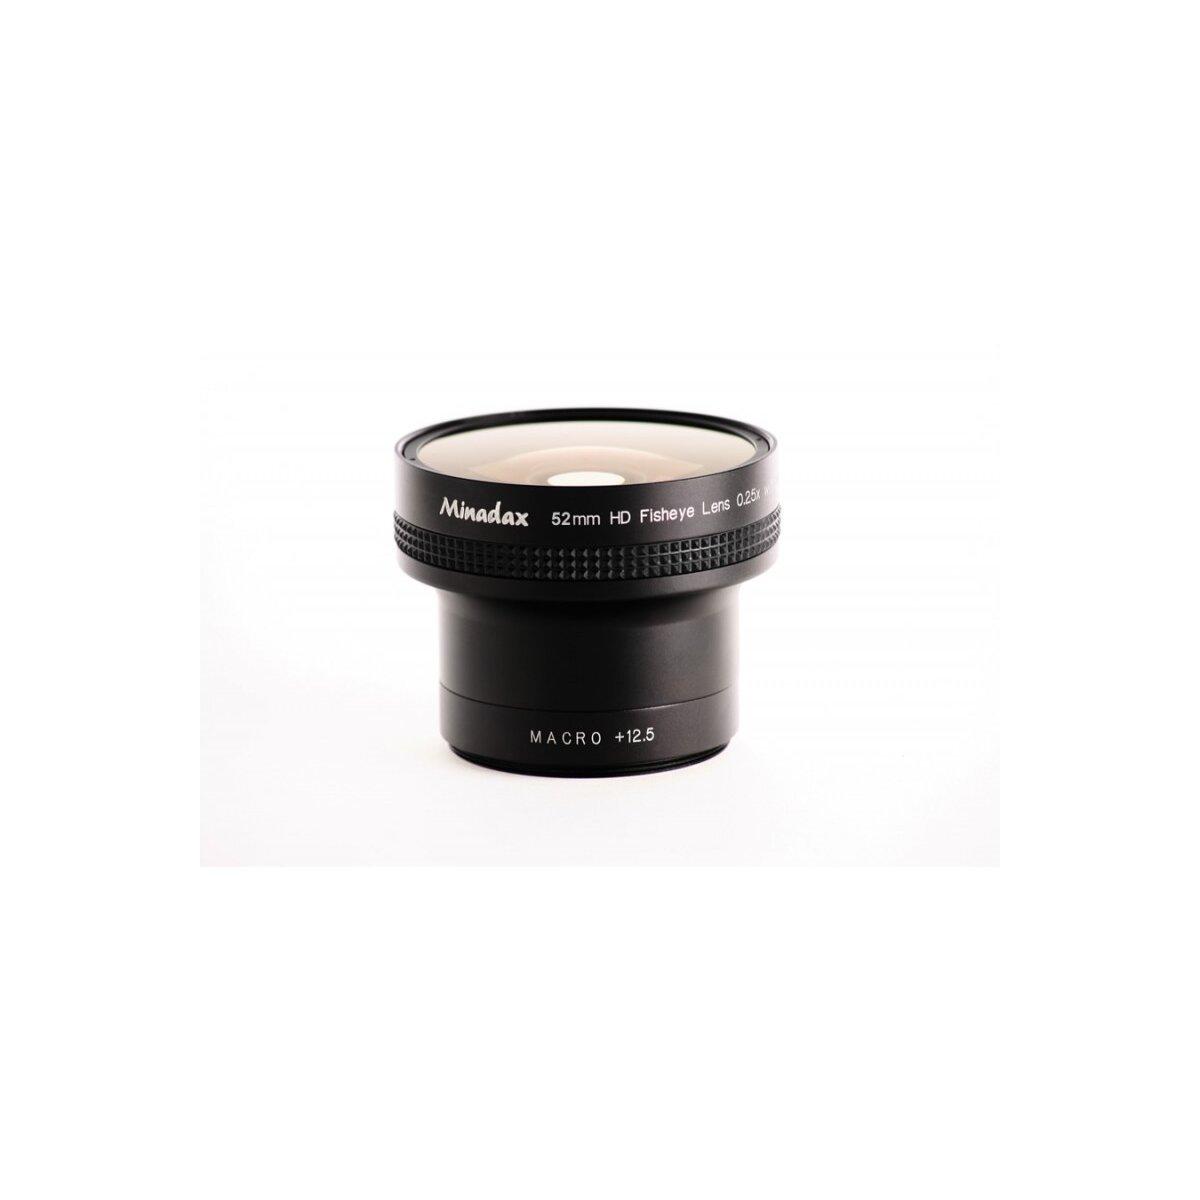 0.25x Minadax Fisheye Vorsatz Kodak DX6490, DX7590 - in schwarz